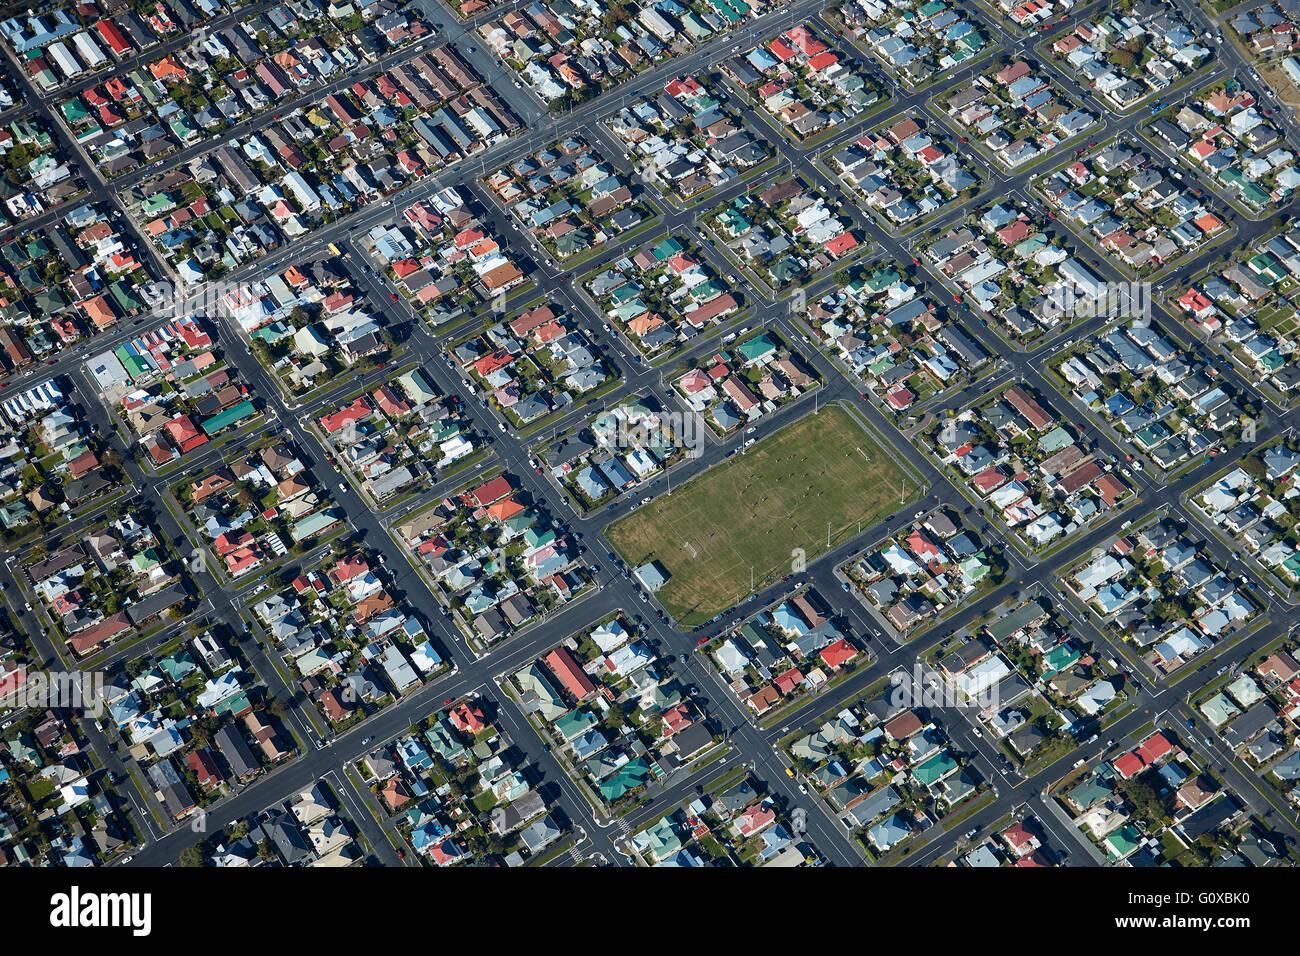 De Carle Park, St Kilda, Dunedin, Otago, île du Sud, Nouvelle-Zélande - vue aérienne Banque D'Images